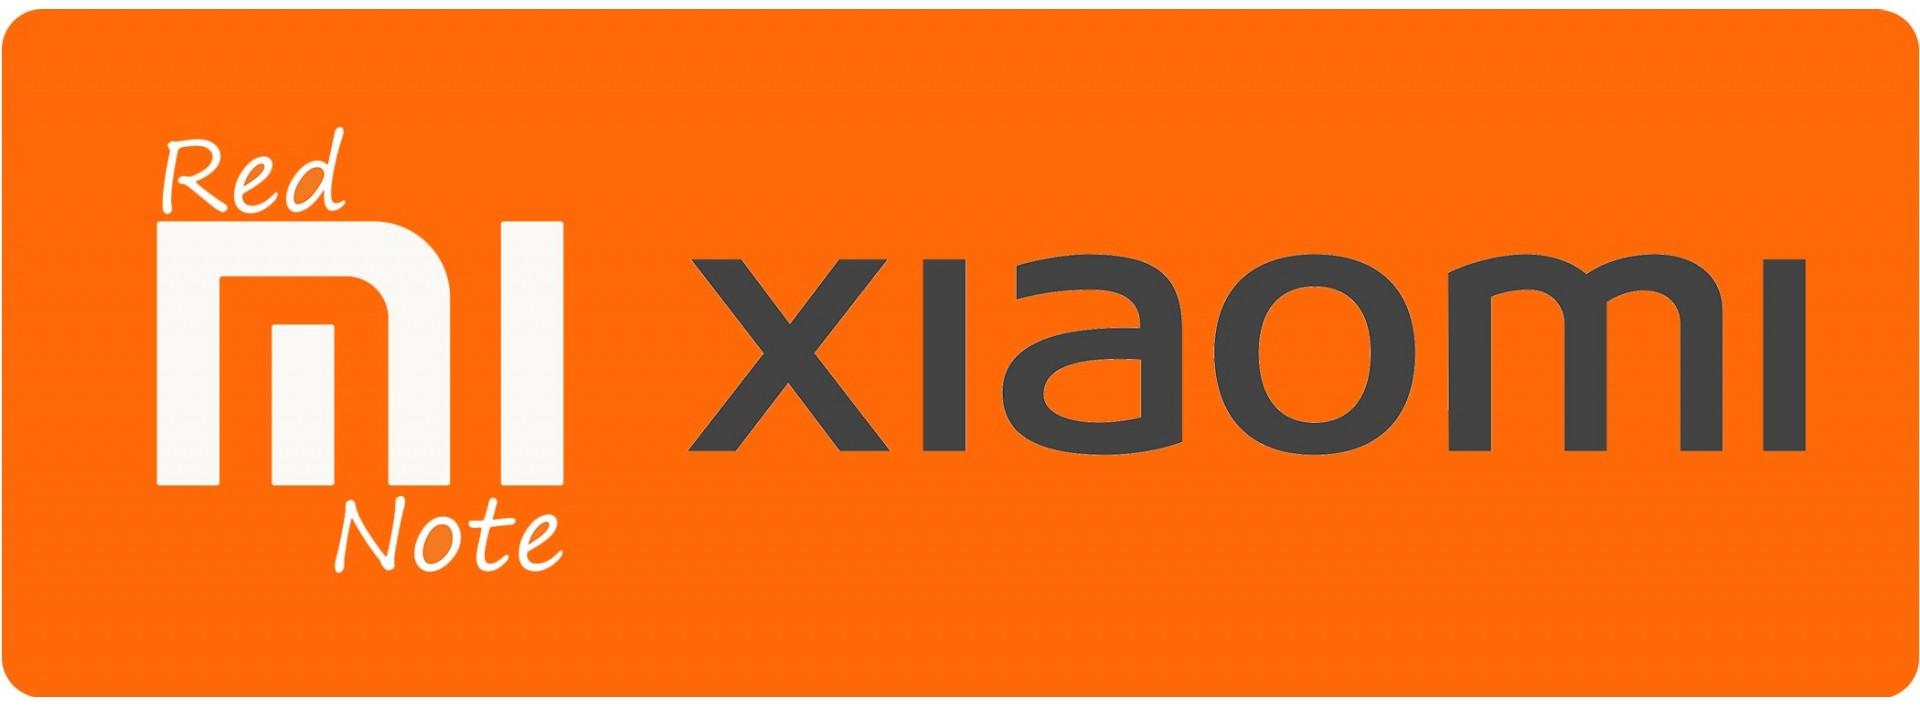 Fundas PERSONALIZADAS Xiaomi Serie Redmi Note, Envío Gratis en TMS